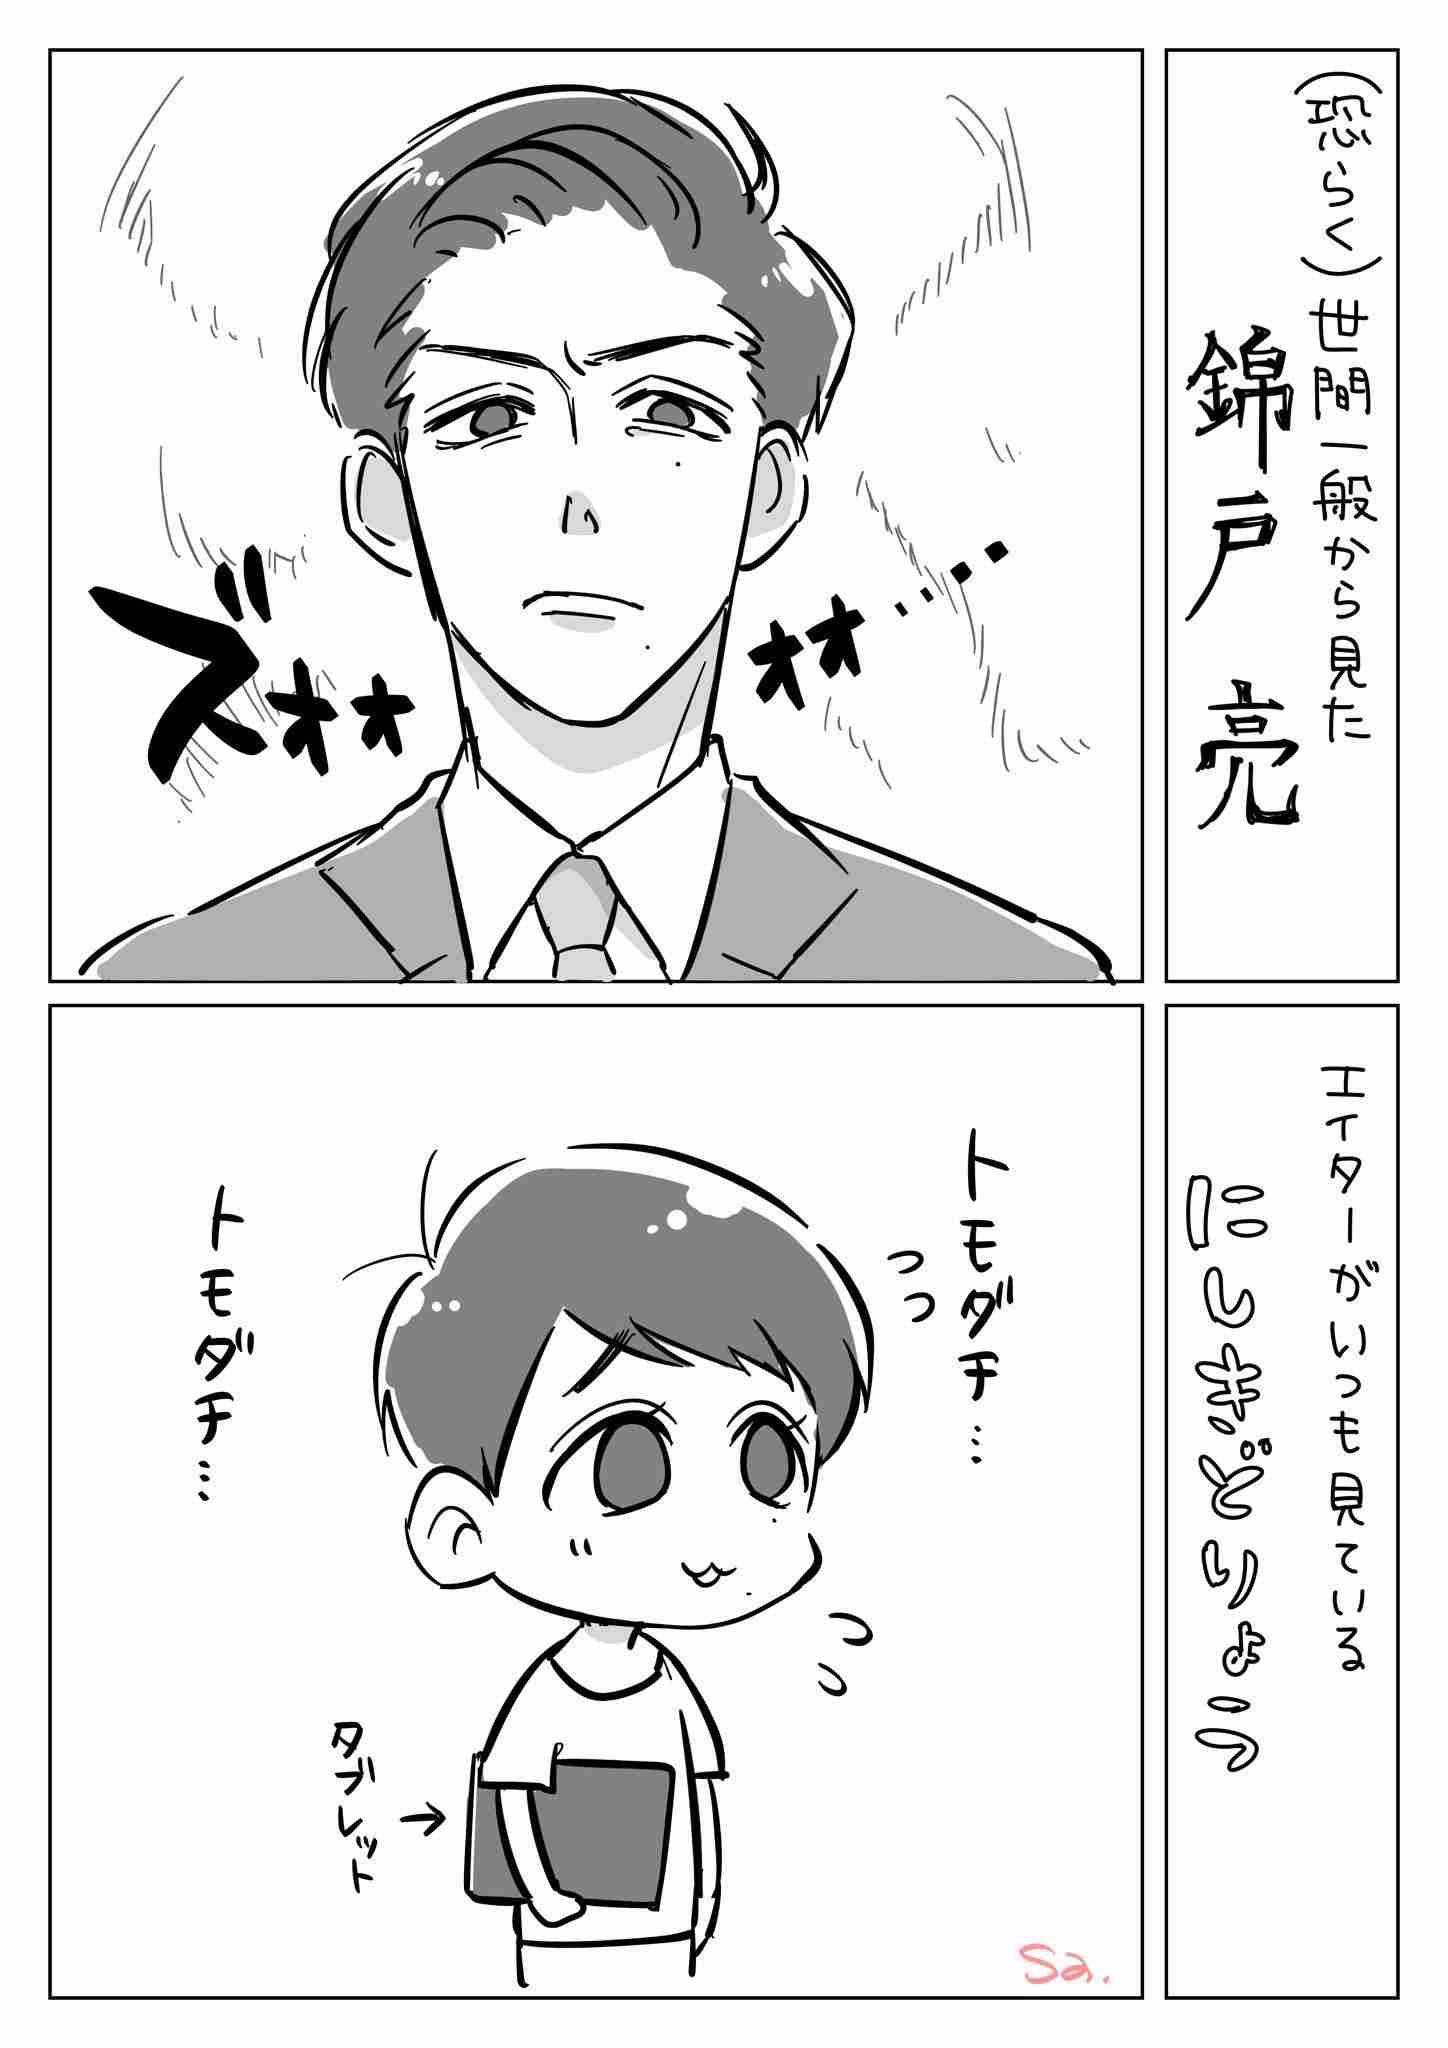 関ジャニ∞錦戸亮くん大好きな人集まれ♡